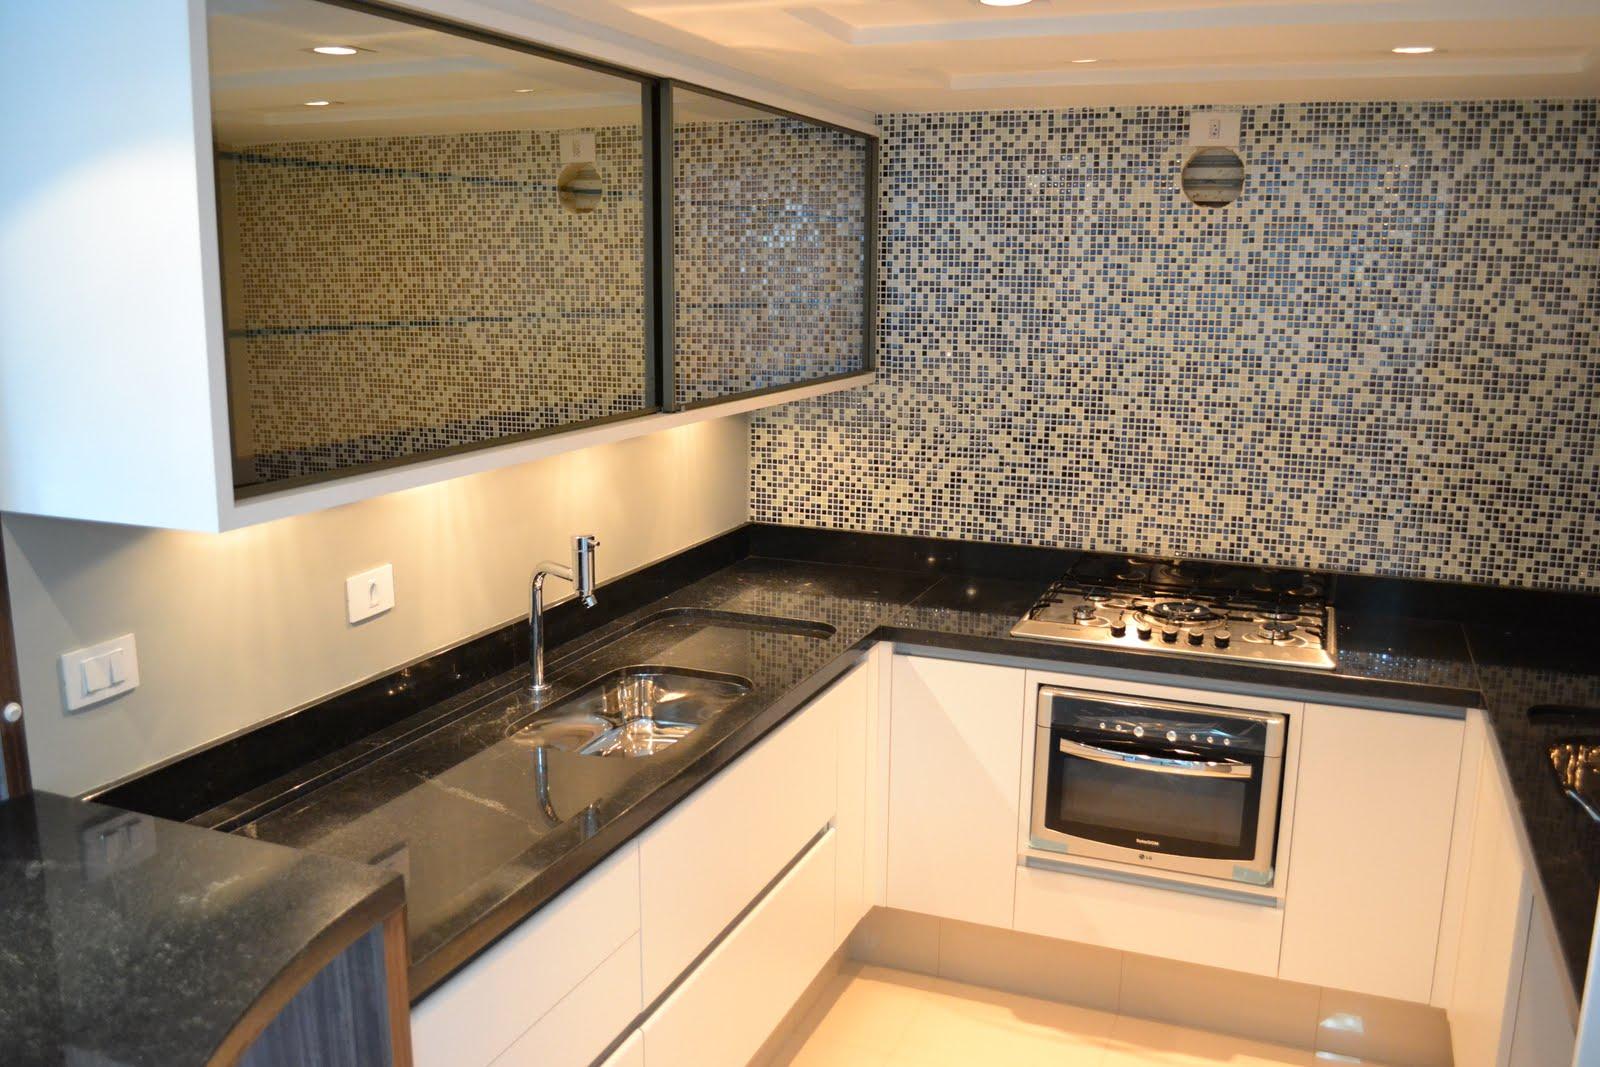 Cozinha branca com tampo em granito preto florido. #A66C25 1600x1067 Armario De Banheiro Em Espanhol